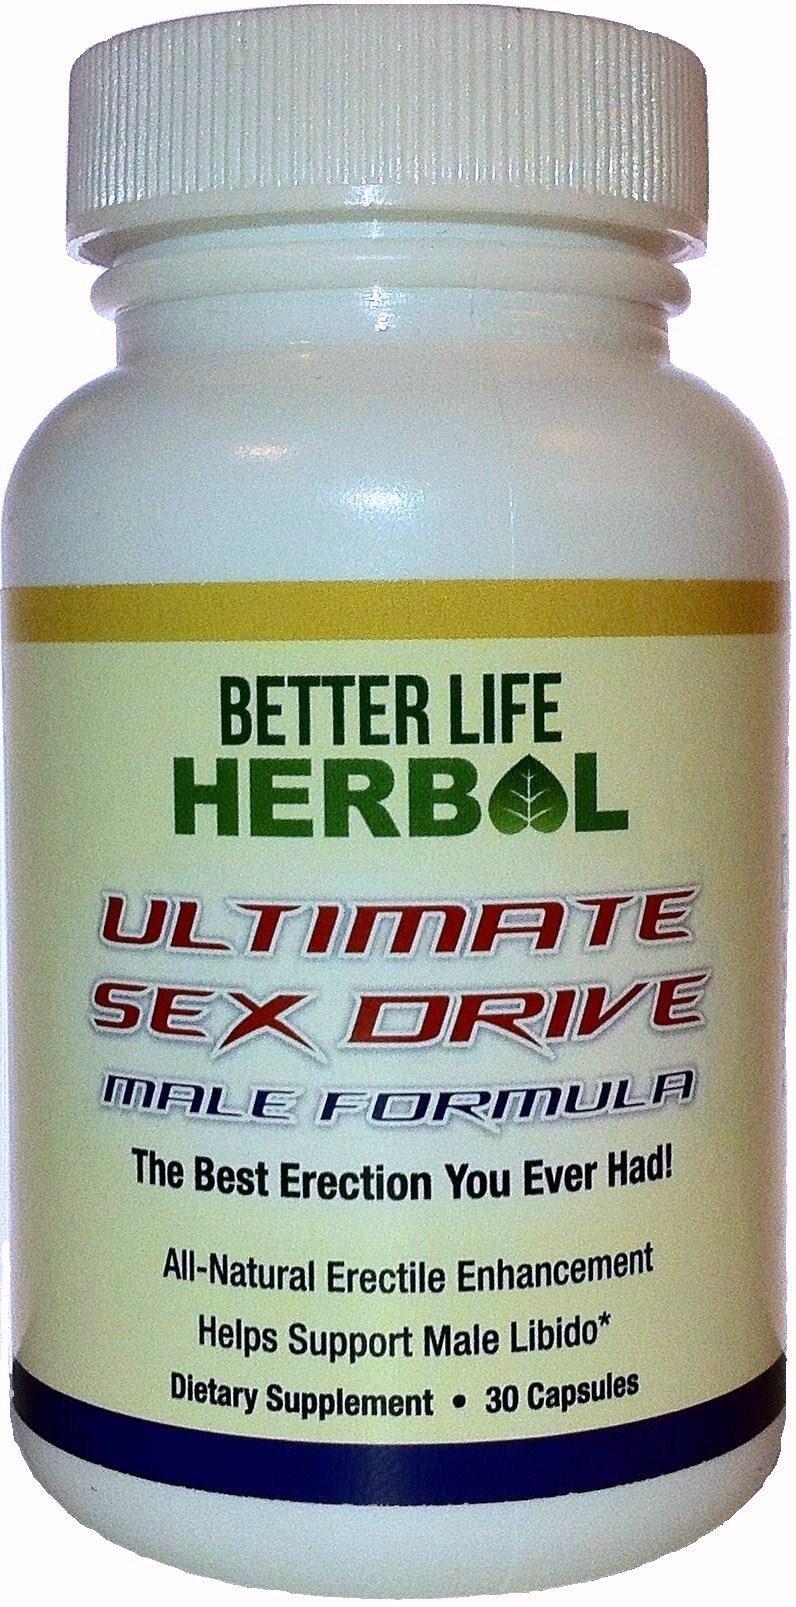 Male Enhancement Pills by Better Life